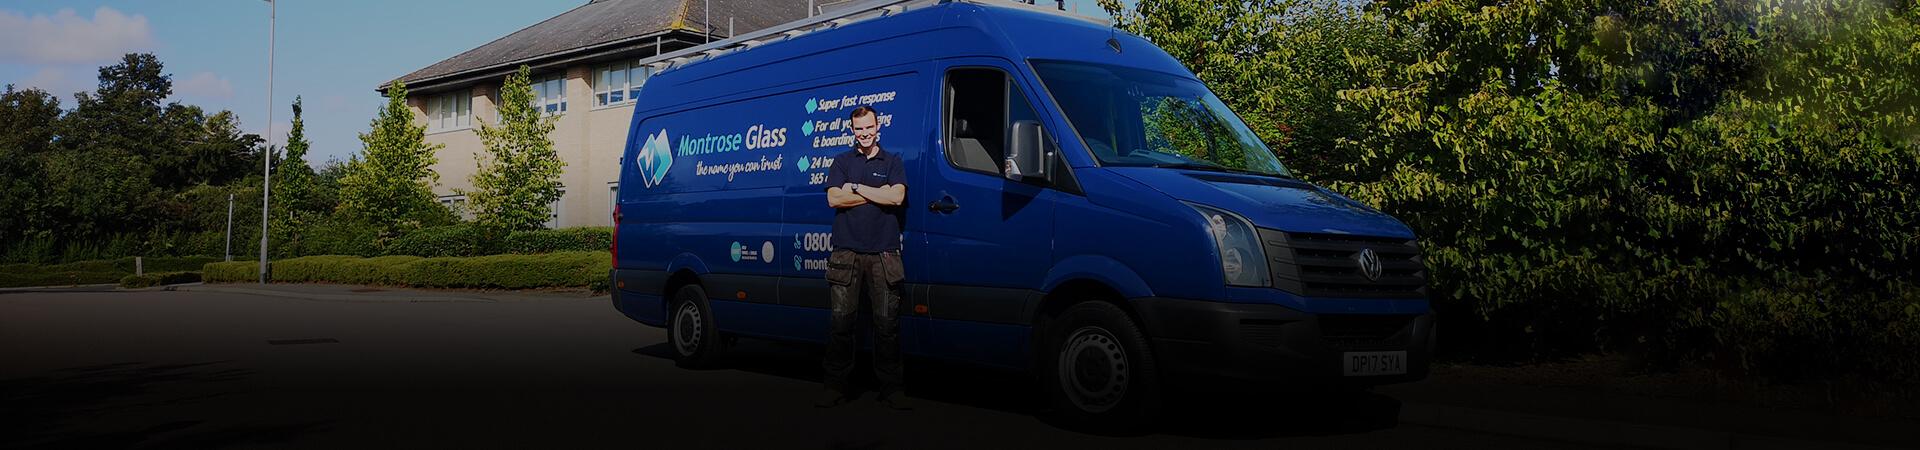 Expert Glazing, Locksmiths & Glasswork repairs